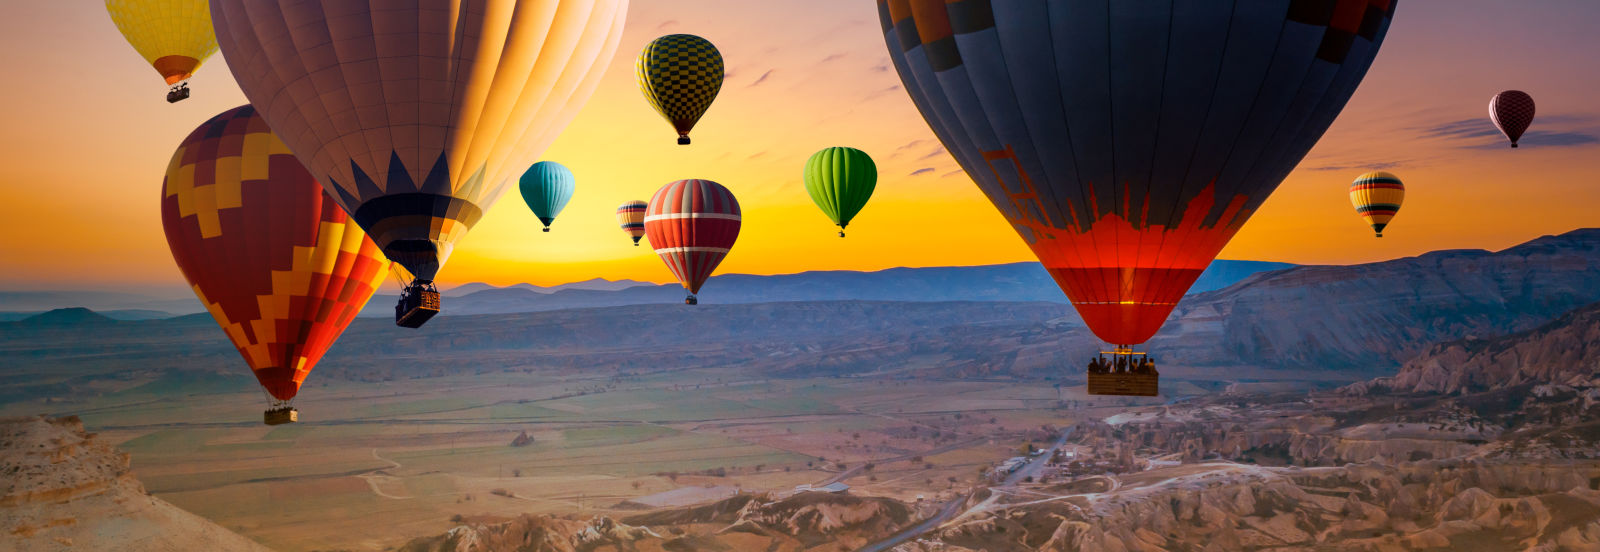 Heißluftballons schweben über einer Berglandschaft in der Türkei